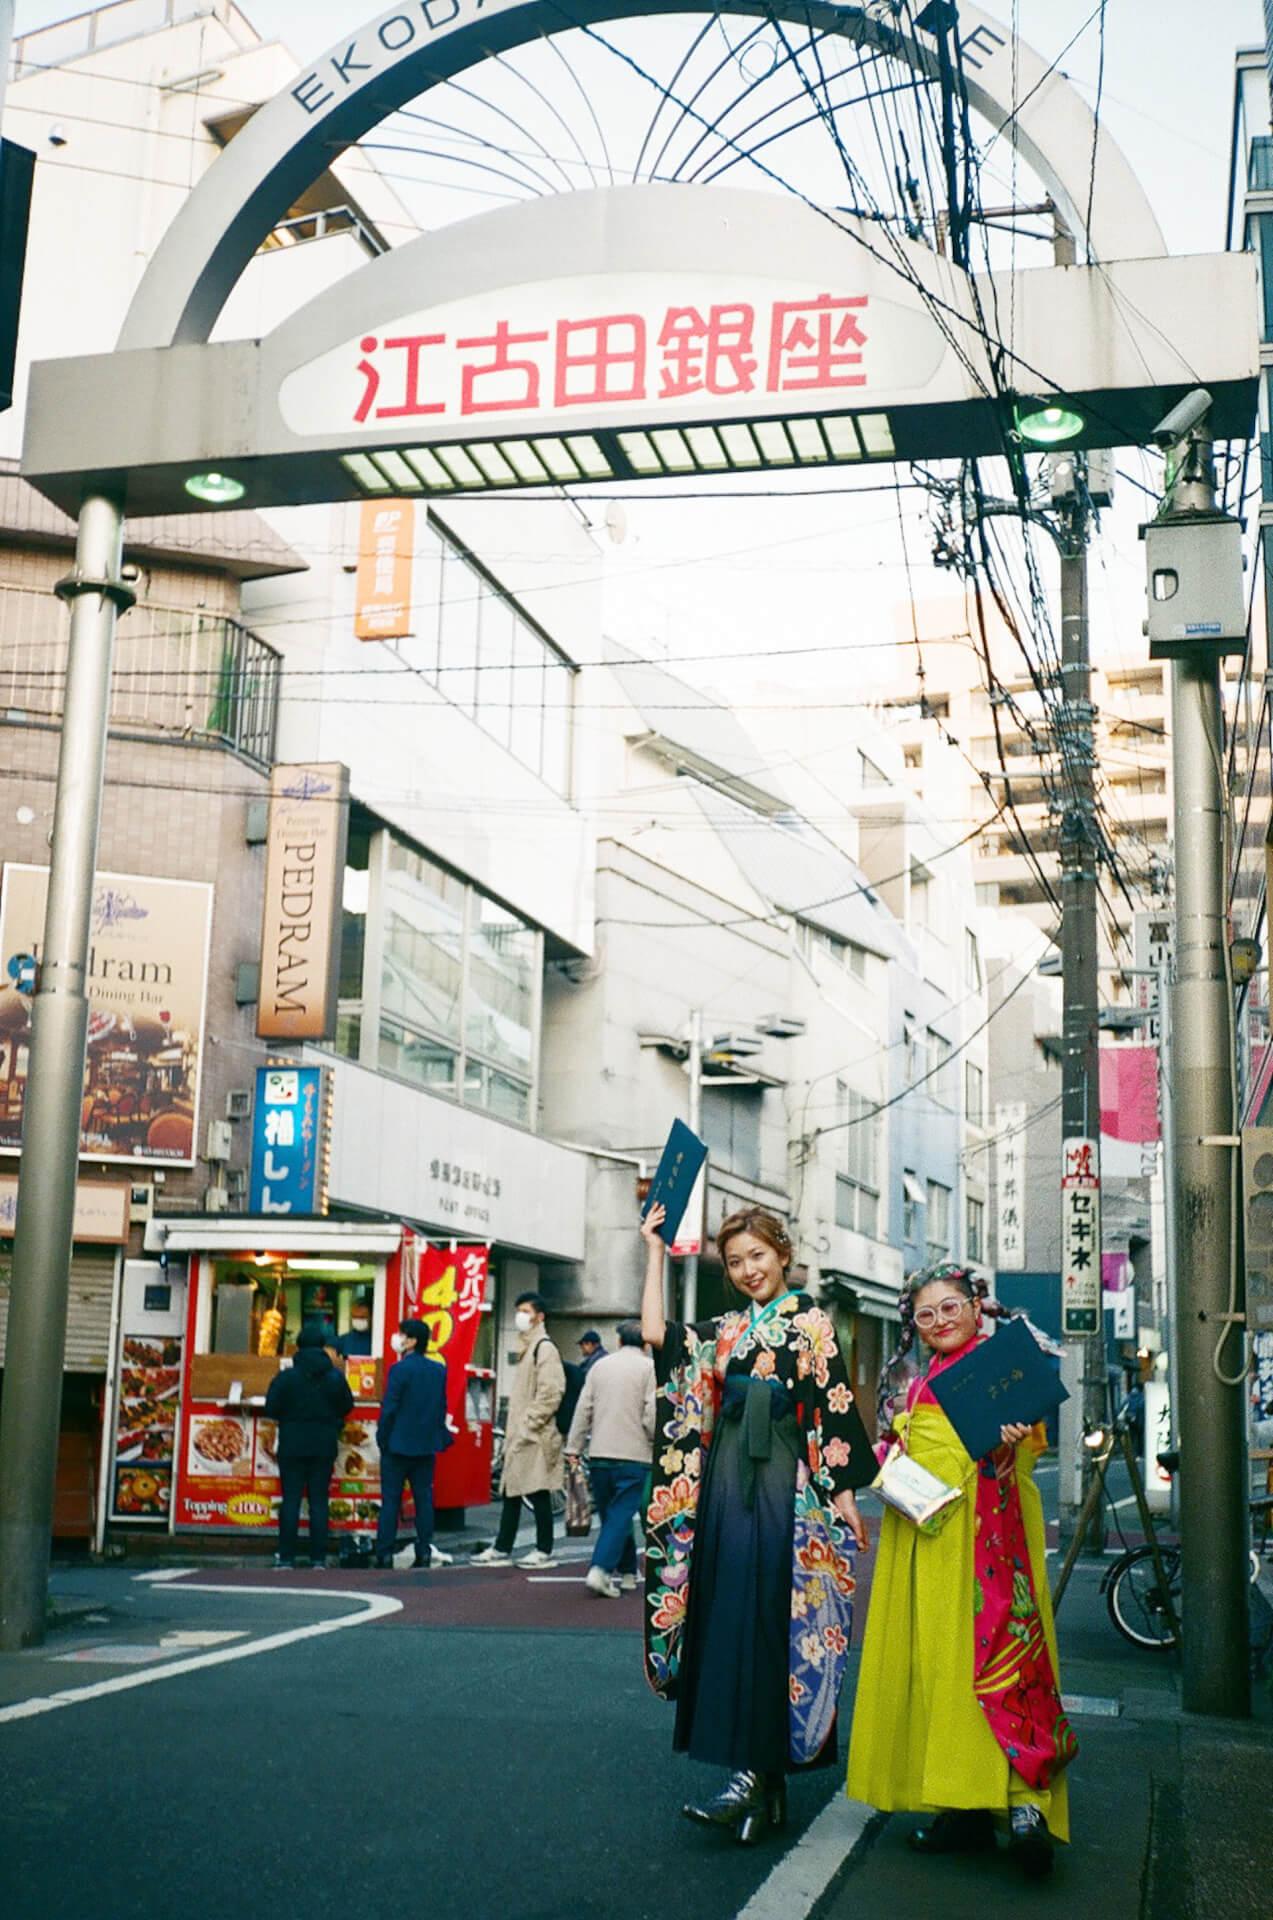 はなむけしゃしん - 竹漫&gk「竹漫は卒漫します2020🌸feat. gk」 art200408_hanamukeshashin4_27